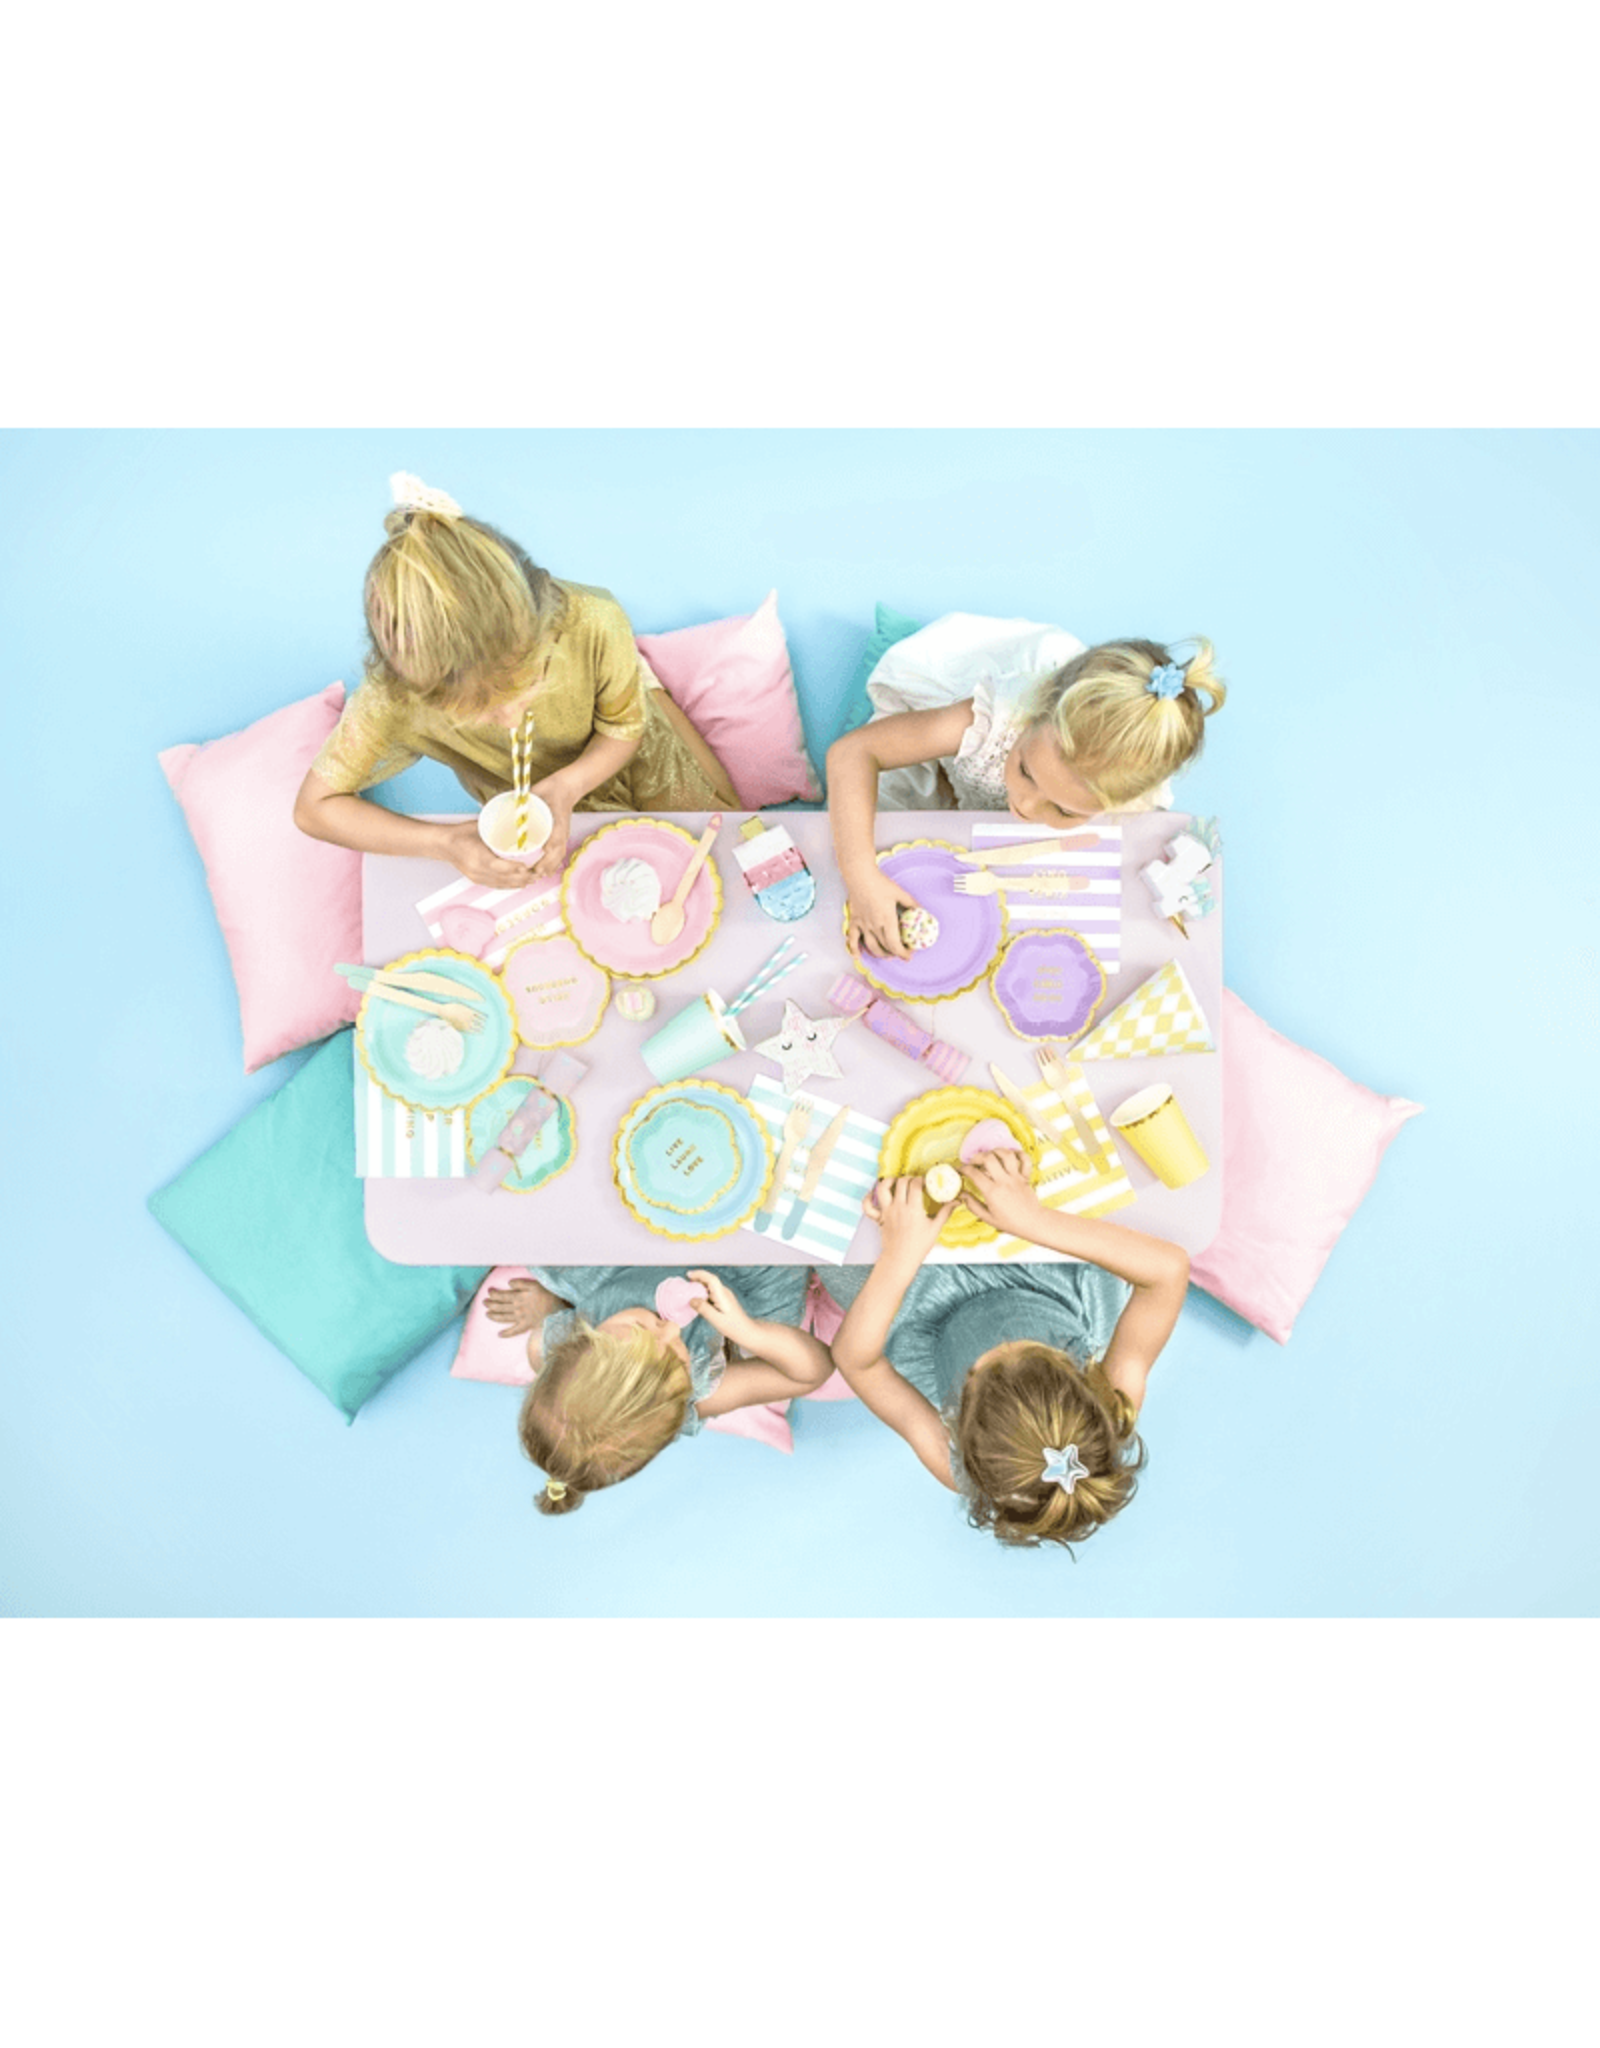 PartyDeco Papieren bordjes mint met gouden rand - 6 stuk